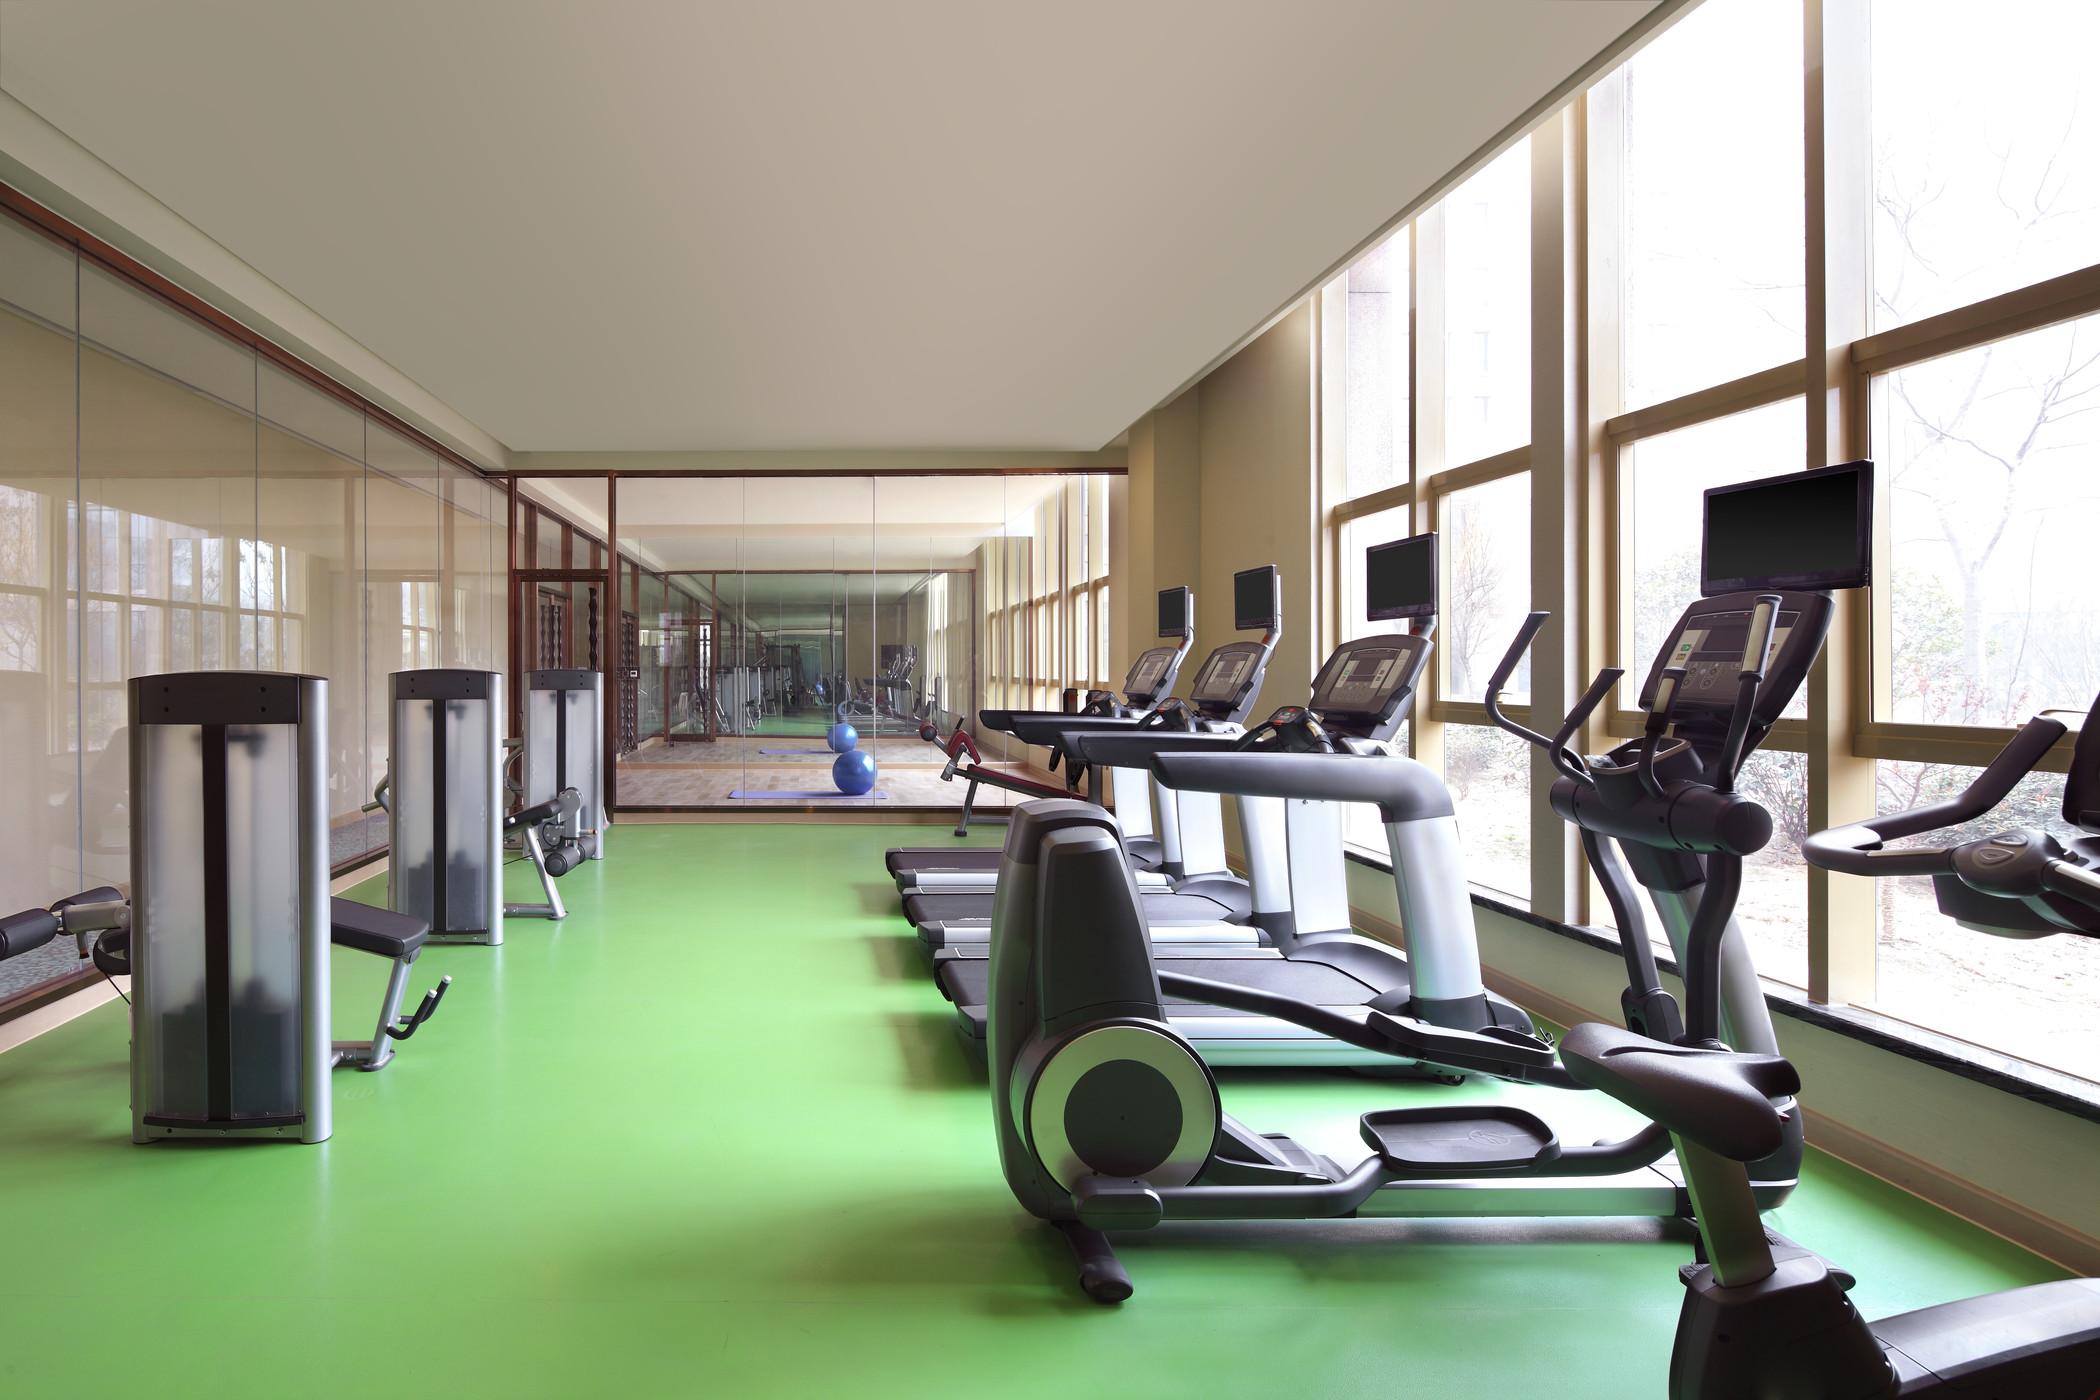 fpt3504fc-140524-FitnessCenter